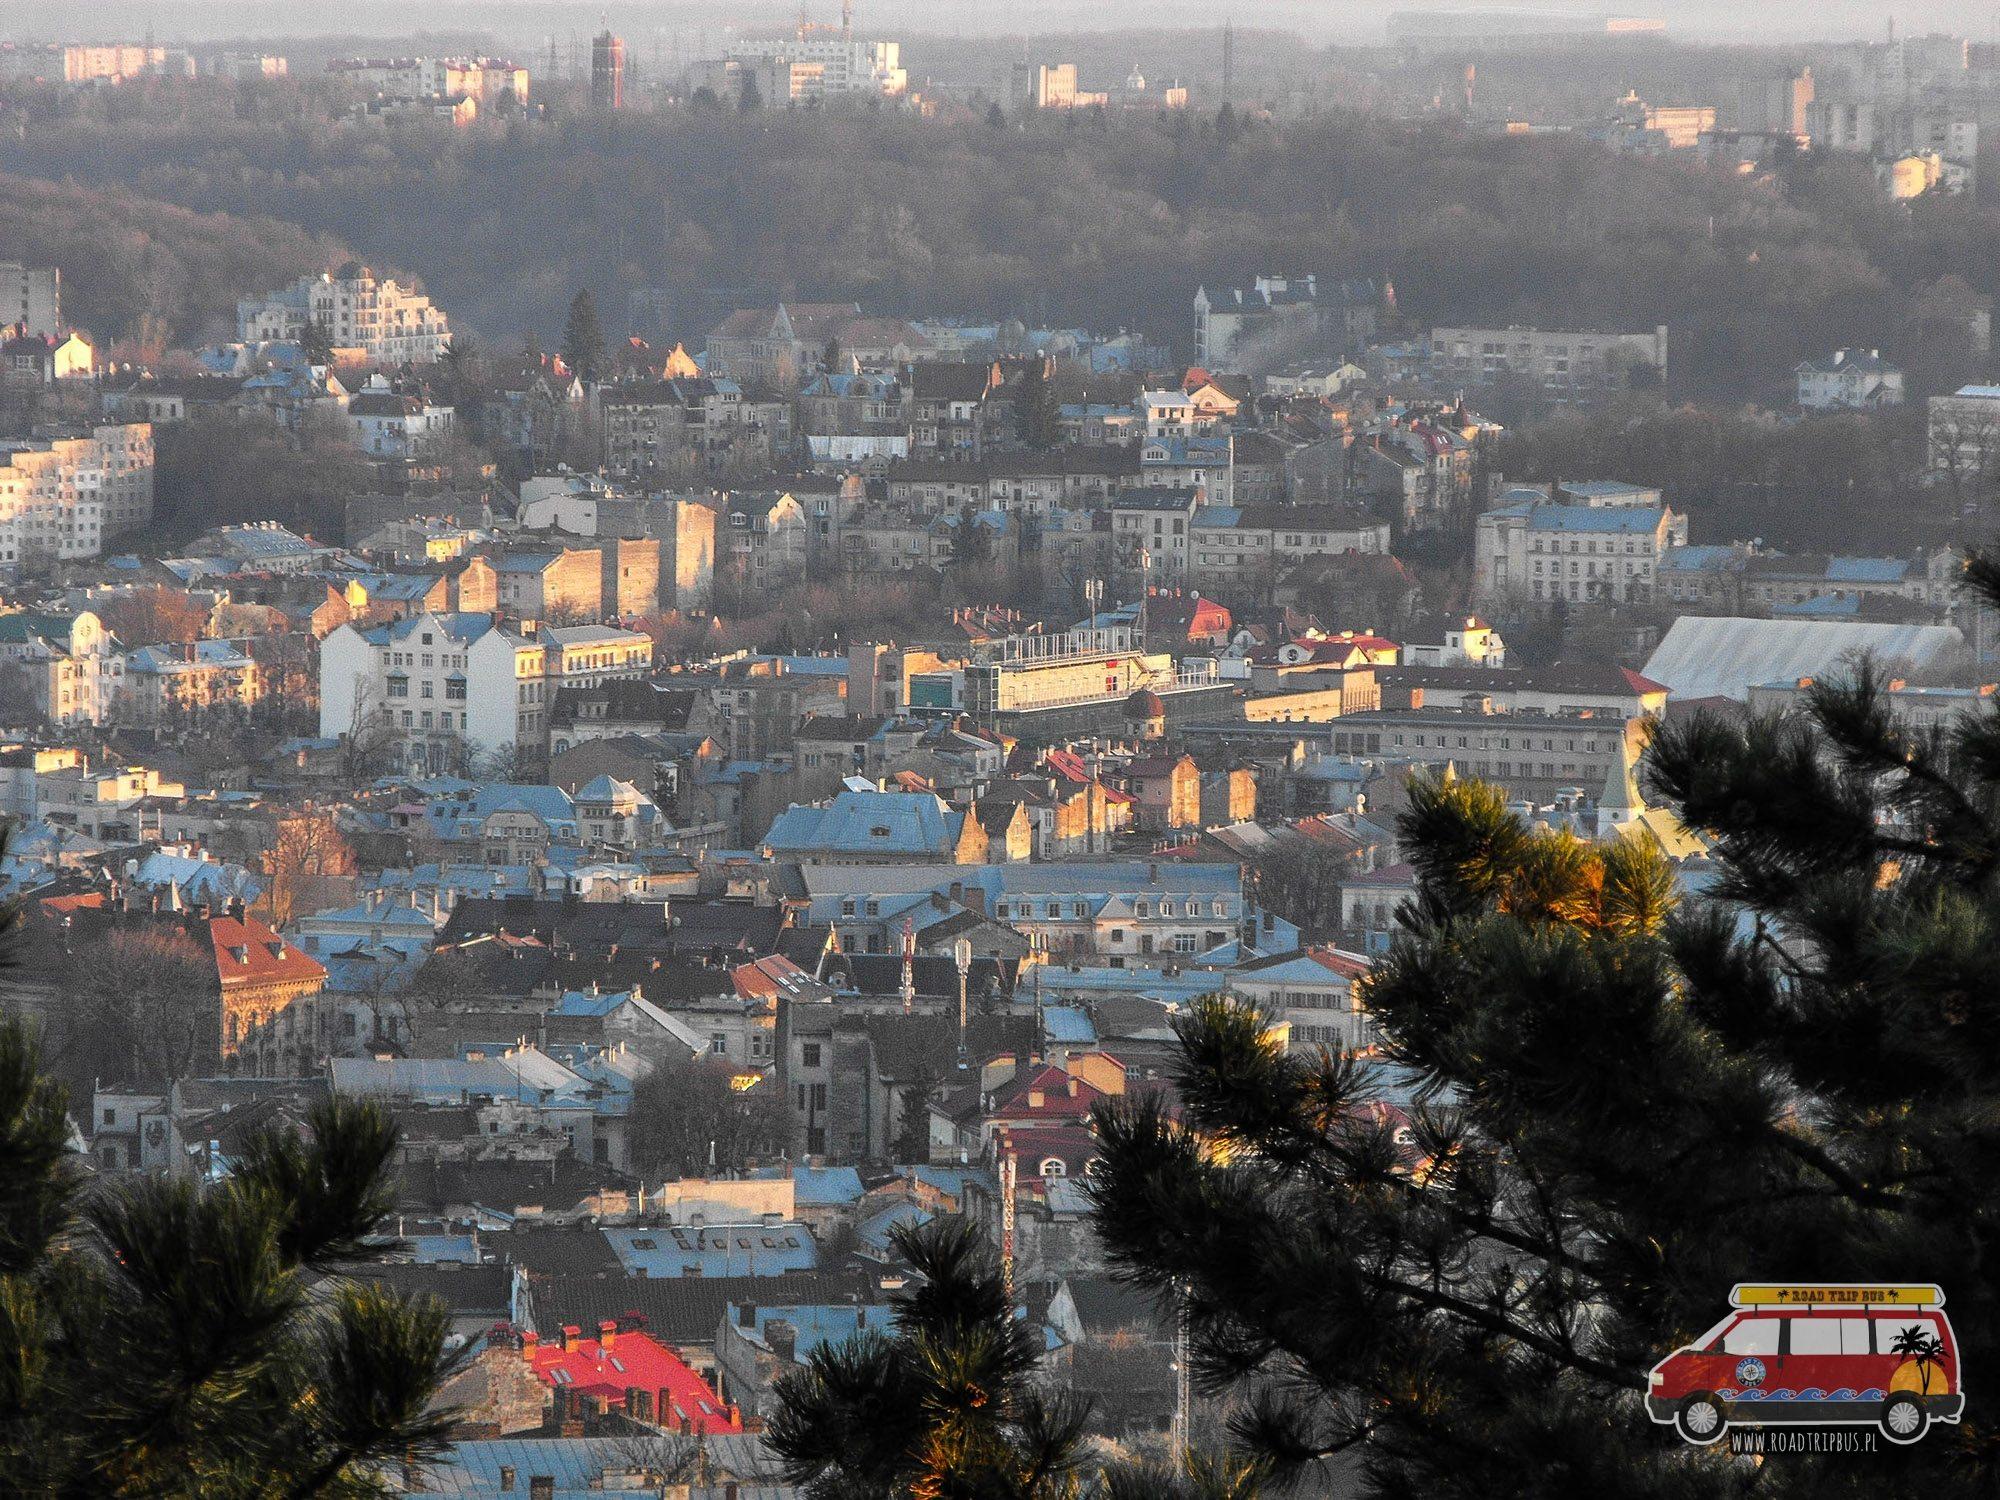 Widok na miasto z Wysokiego Zamku.